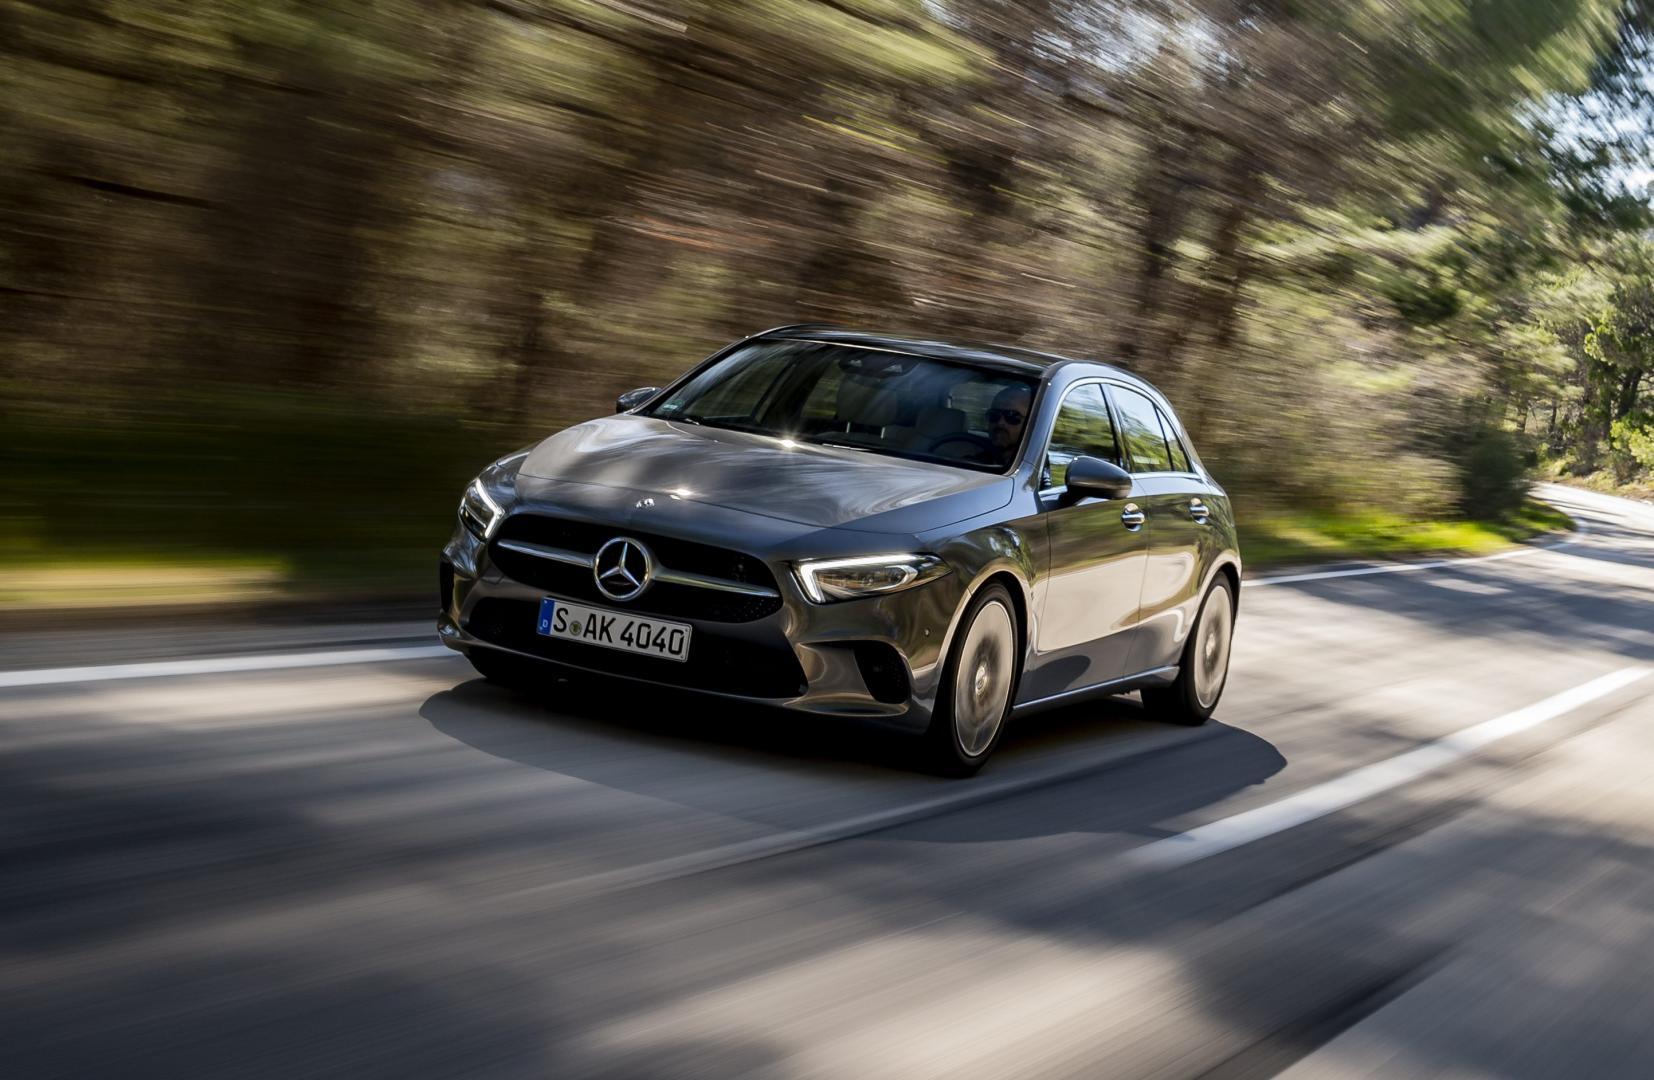 Mercedes A-klasse 2018 grijs